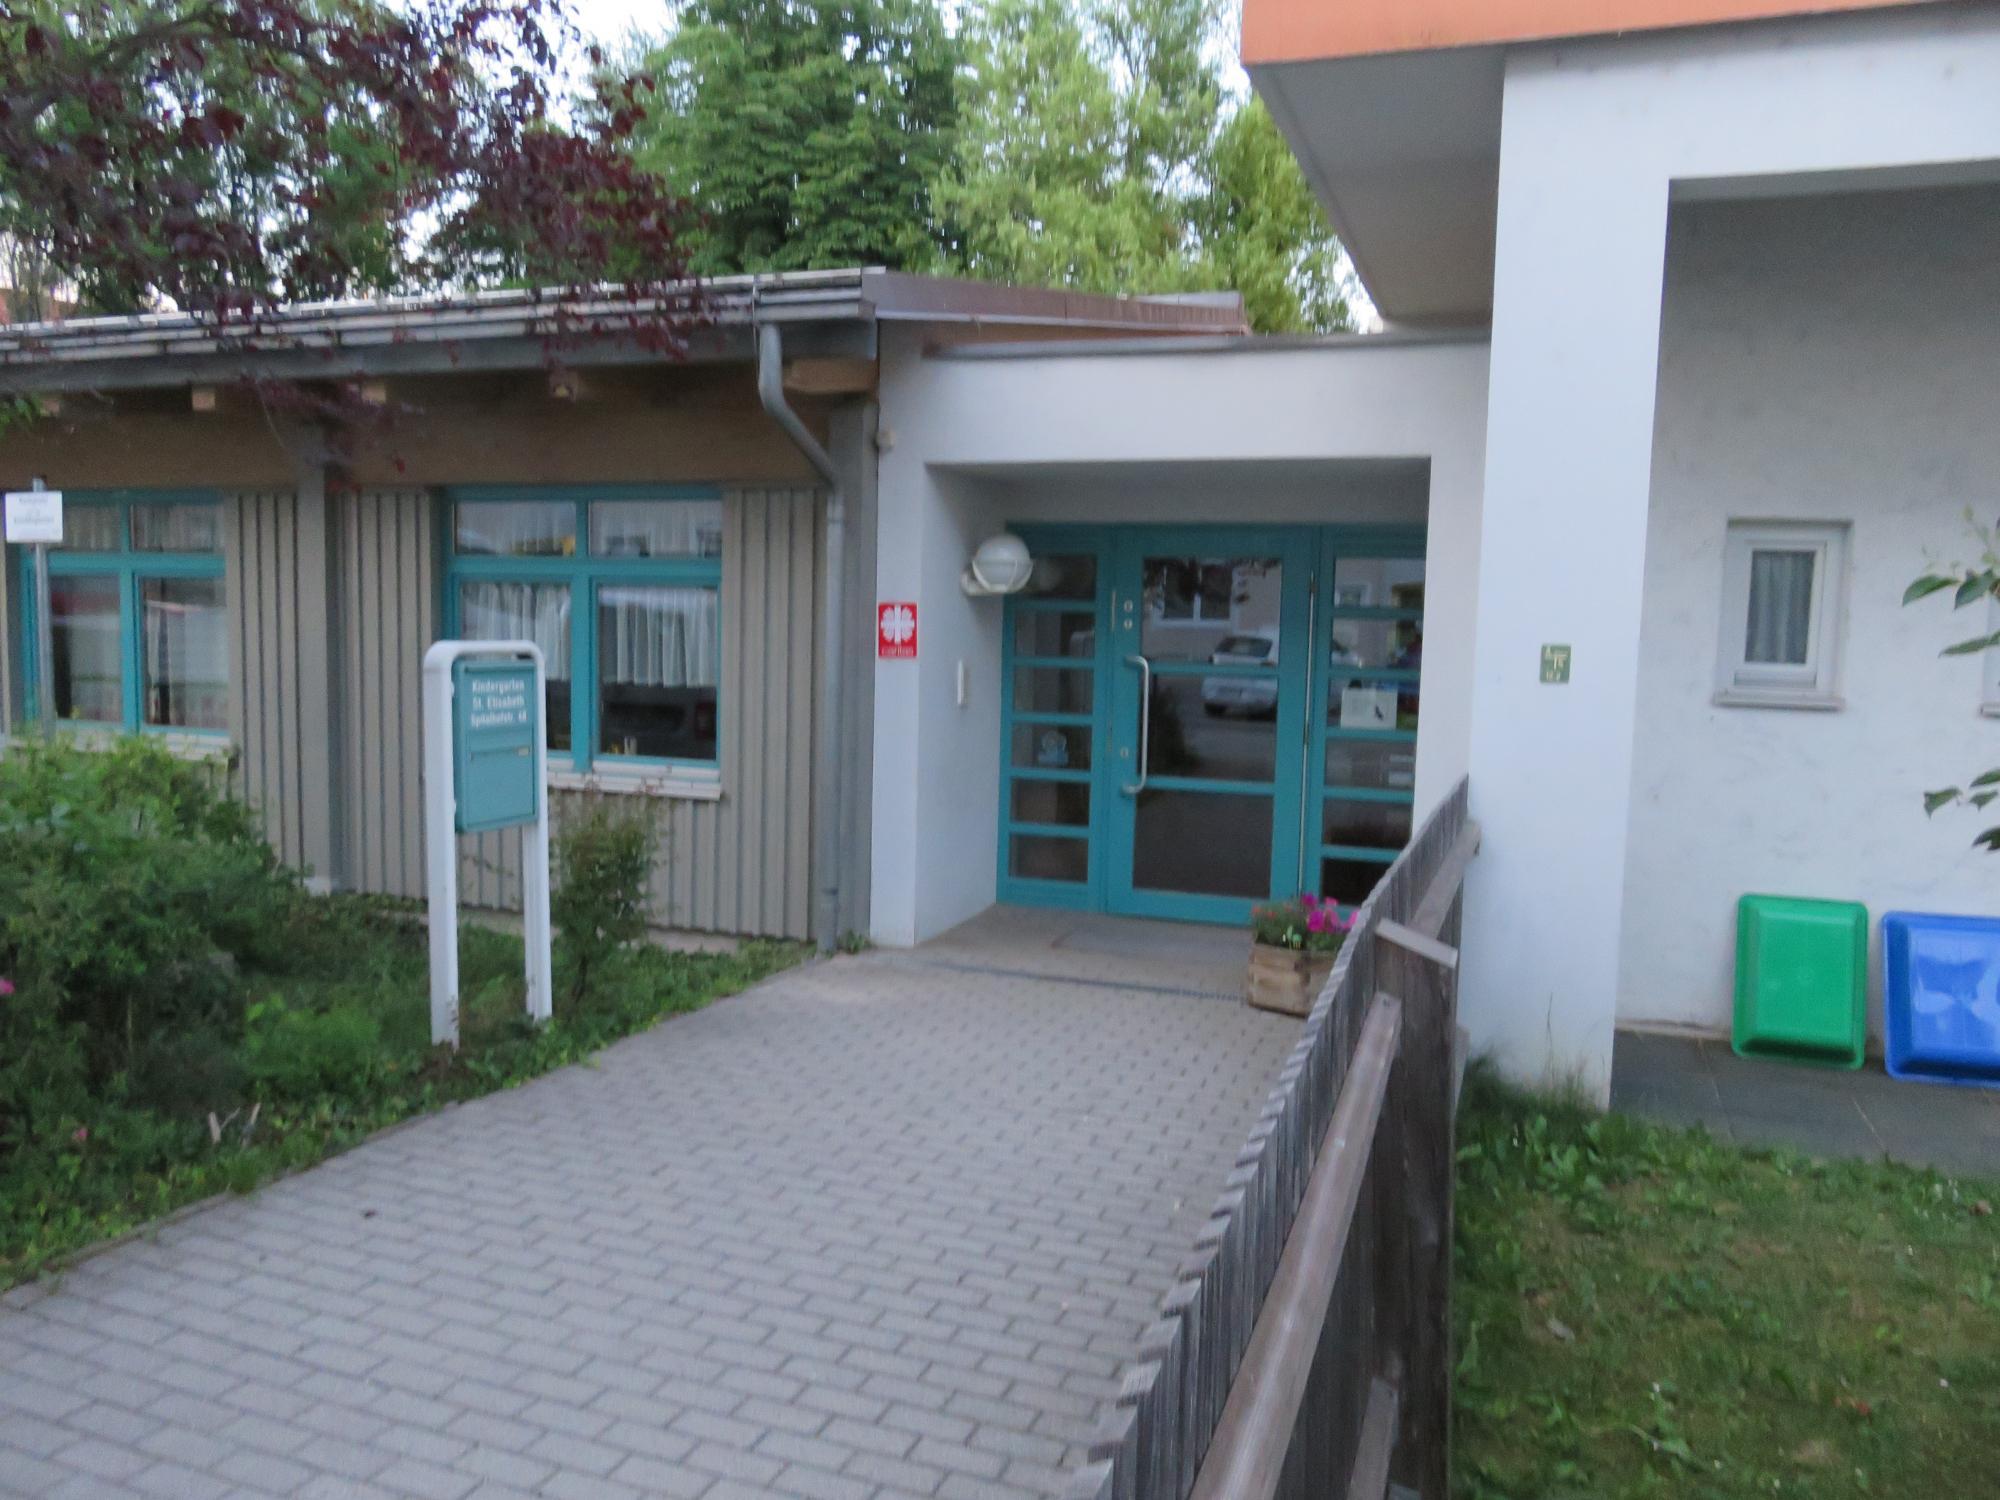 Kiga Elisabeth Eingang